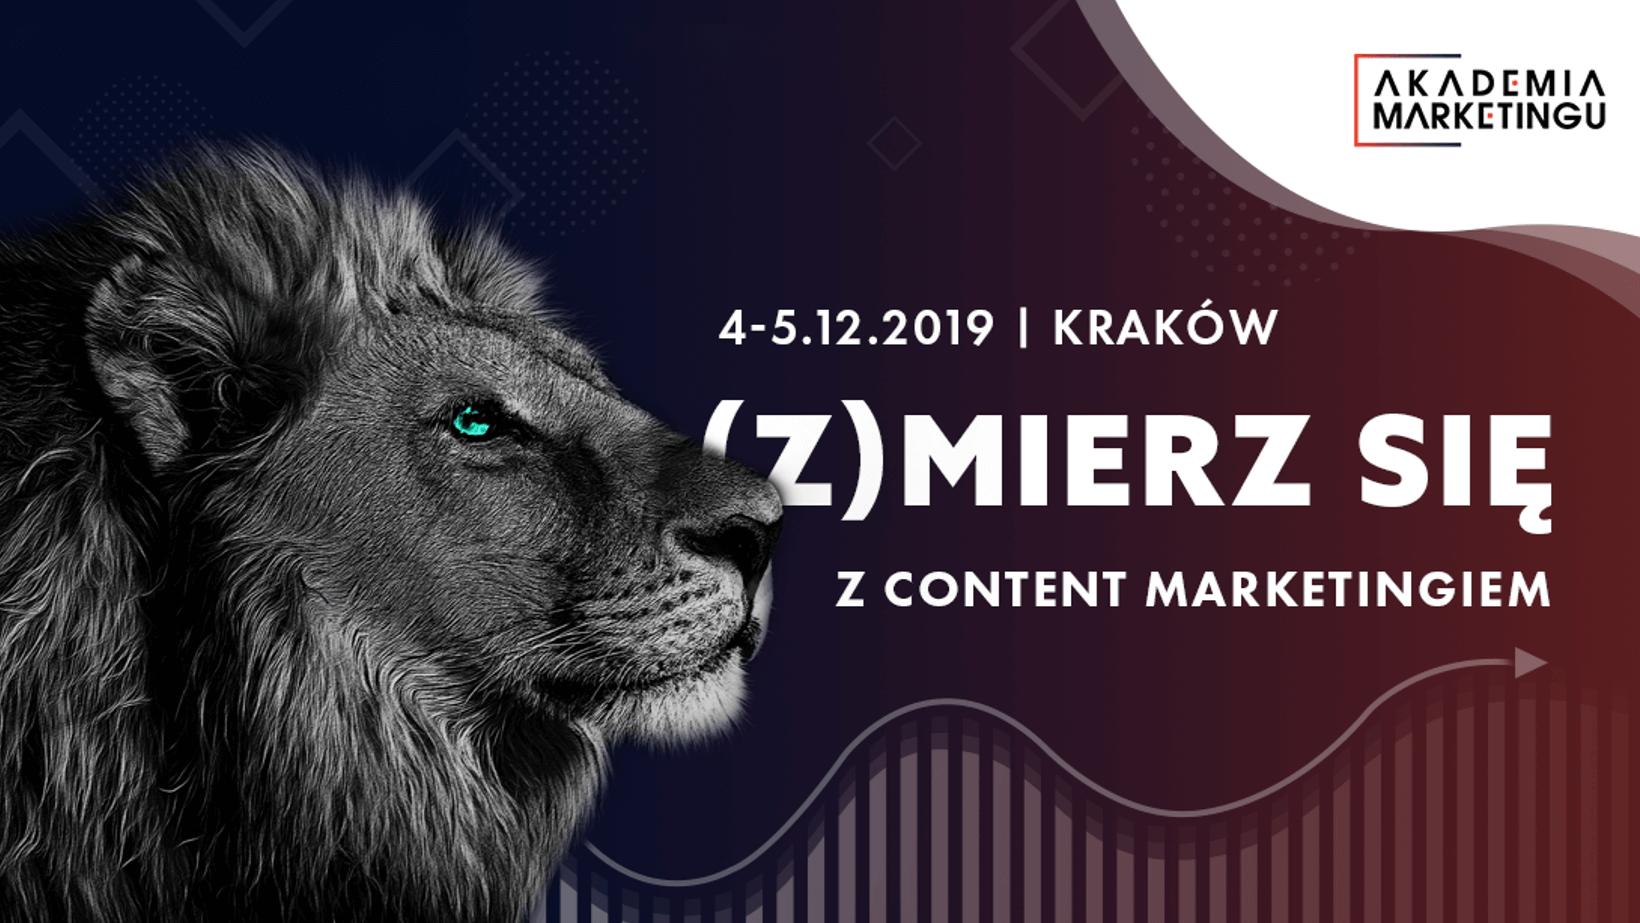 fot. Akademia Marketingu już 4 i 5 grudnia. Kto jedzie do Krakowa?